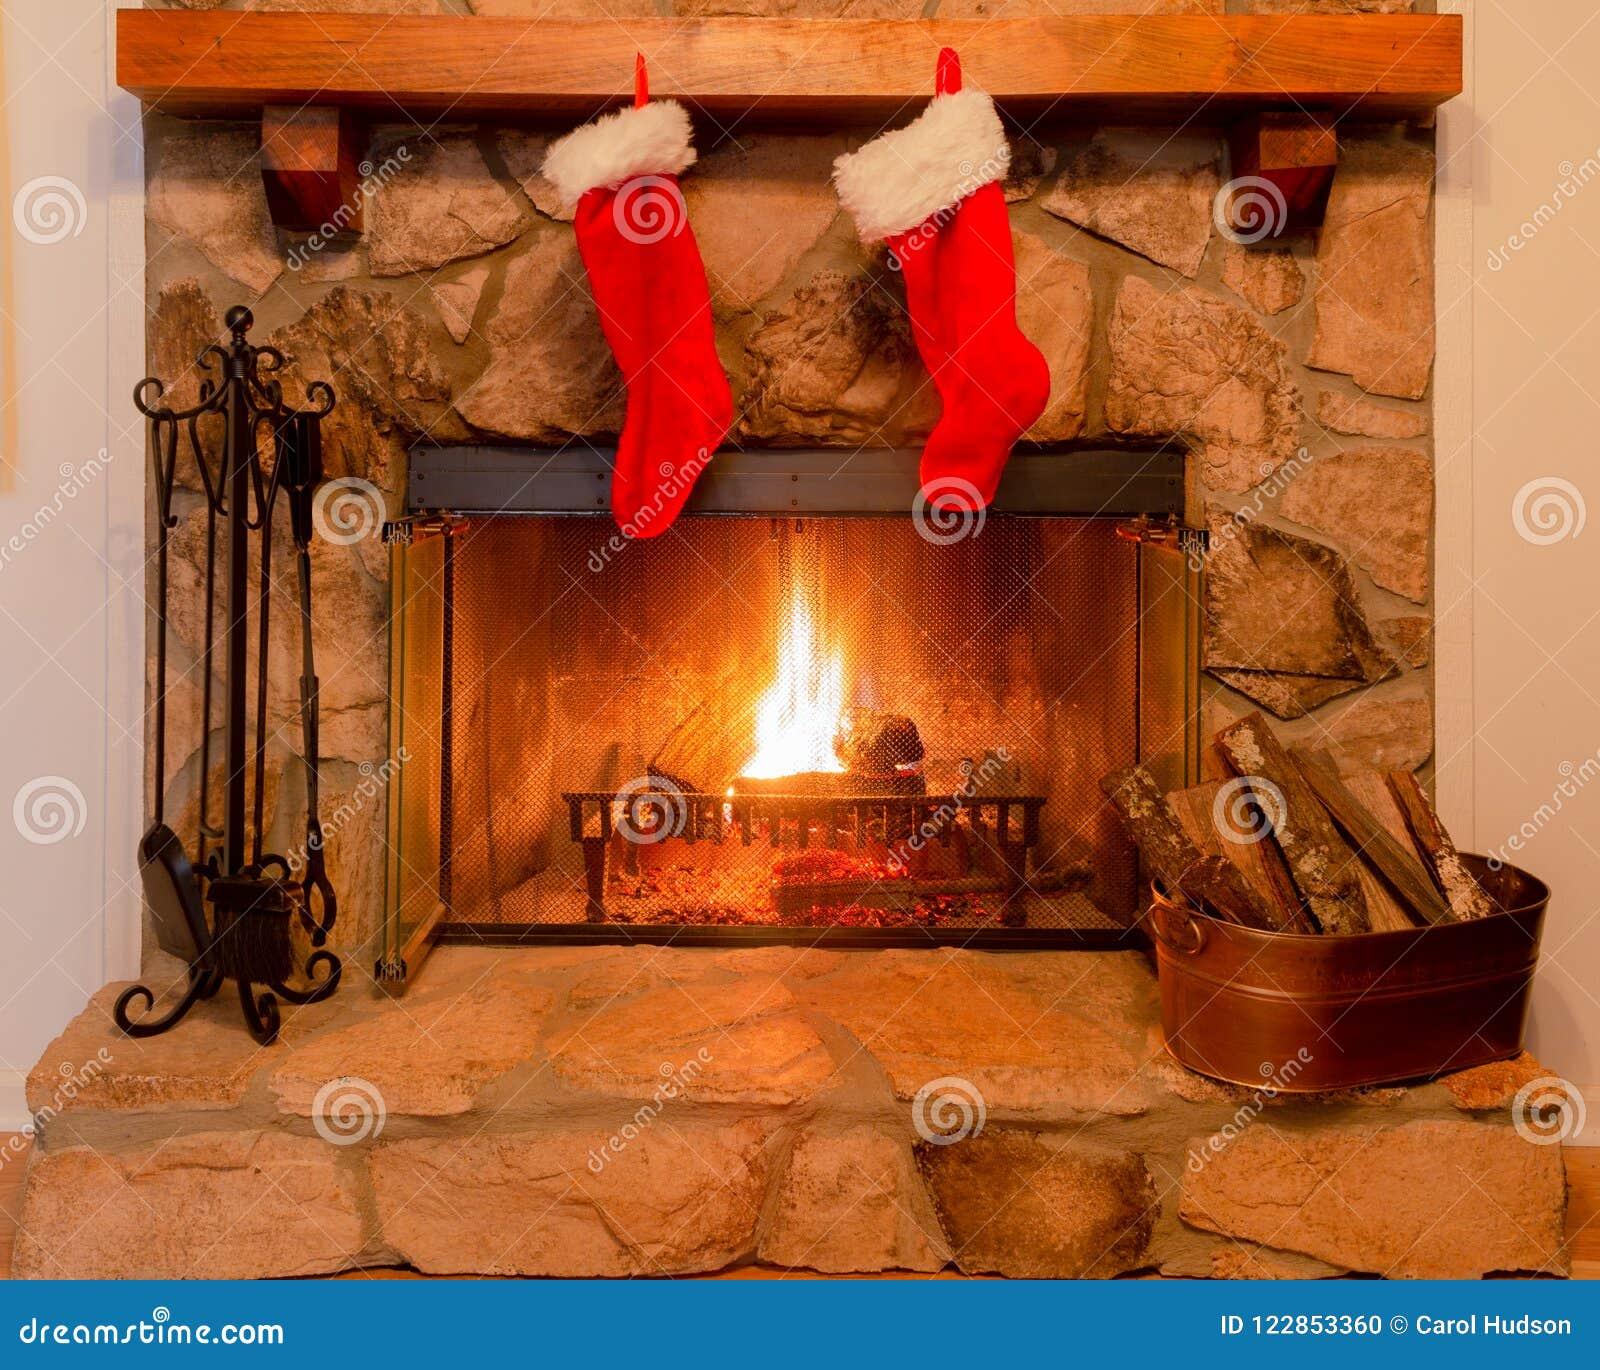 Dos medias de la Navidad en la capa de una chimenea de piedra con un fuego caliente